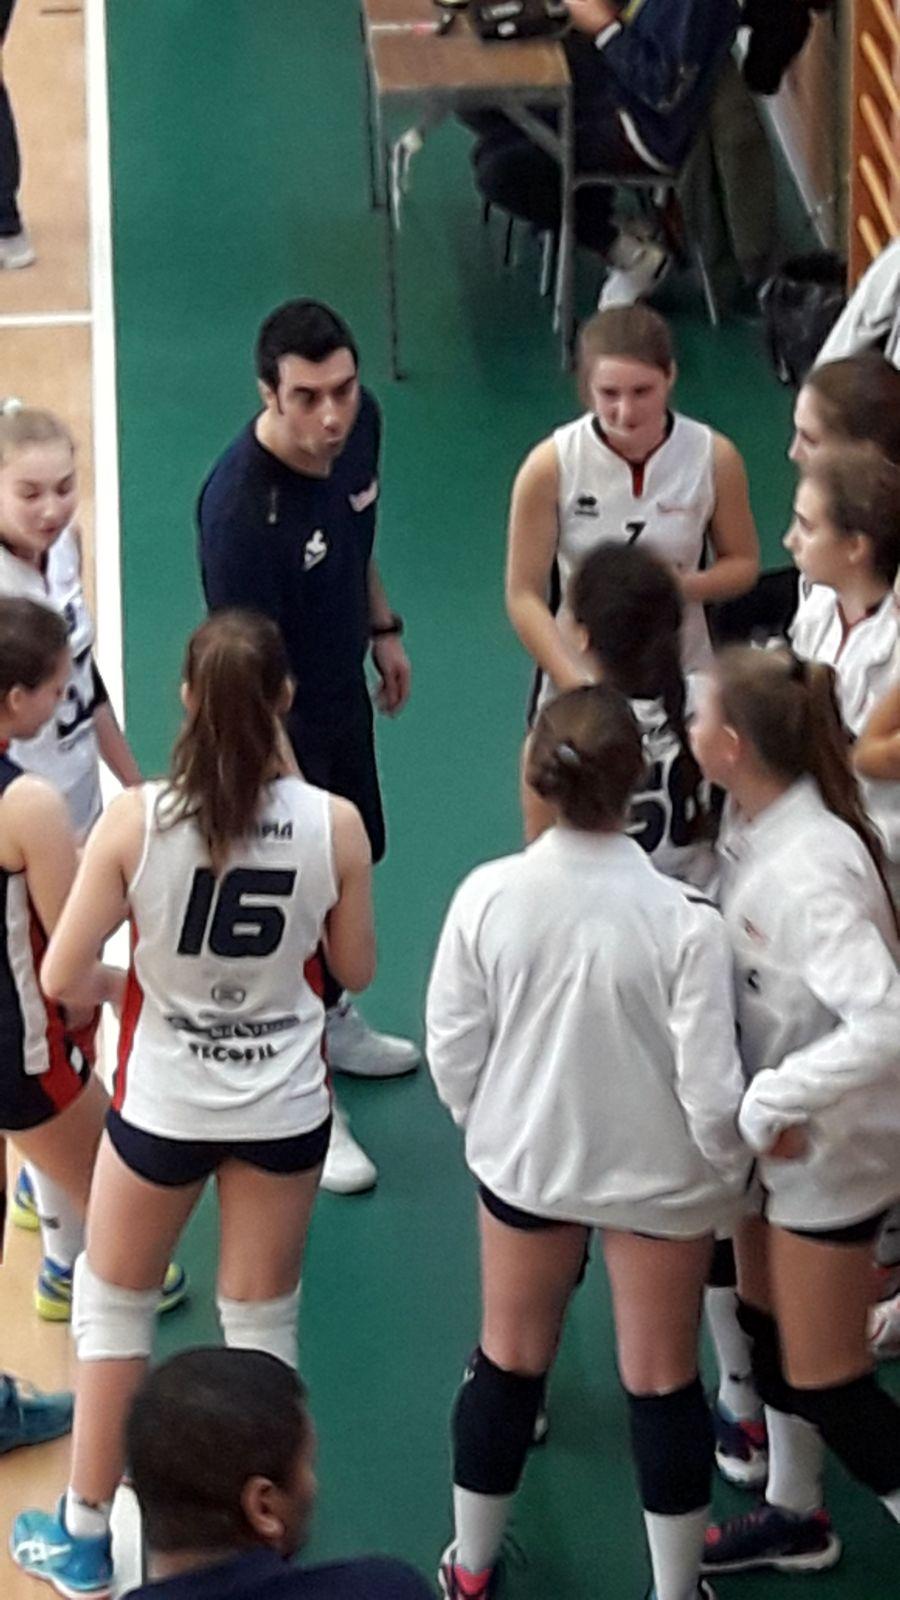 Under 16 Regionale. Bel successo ad Ozzano contro Volley Team Bologna